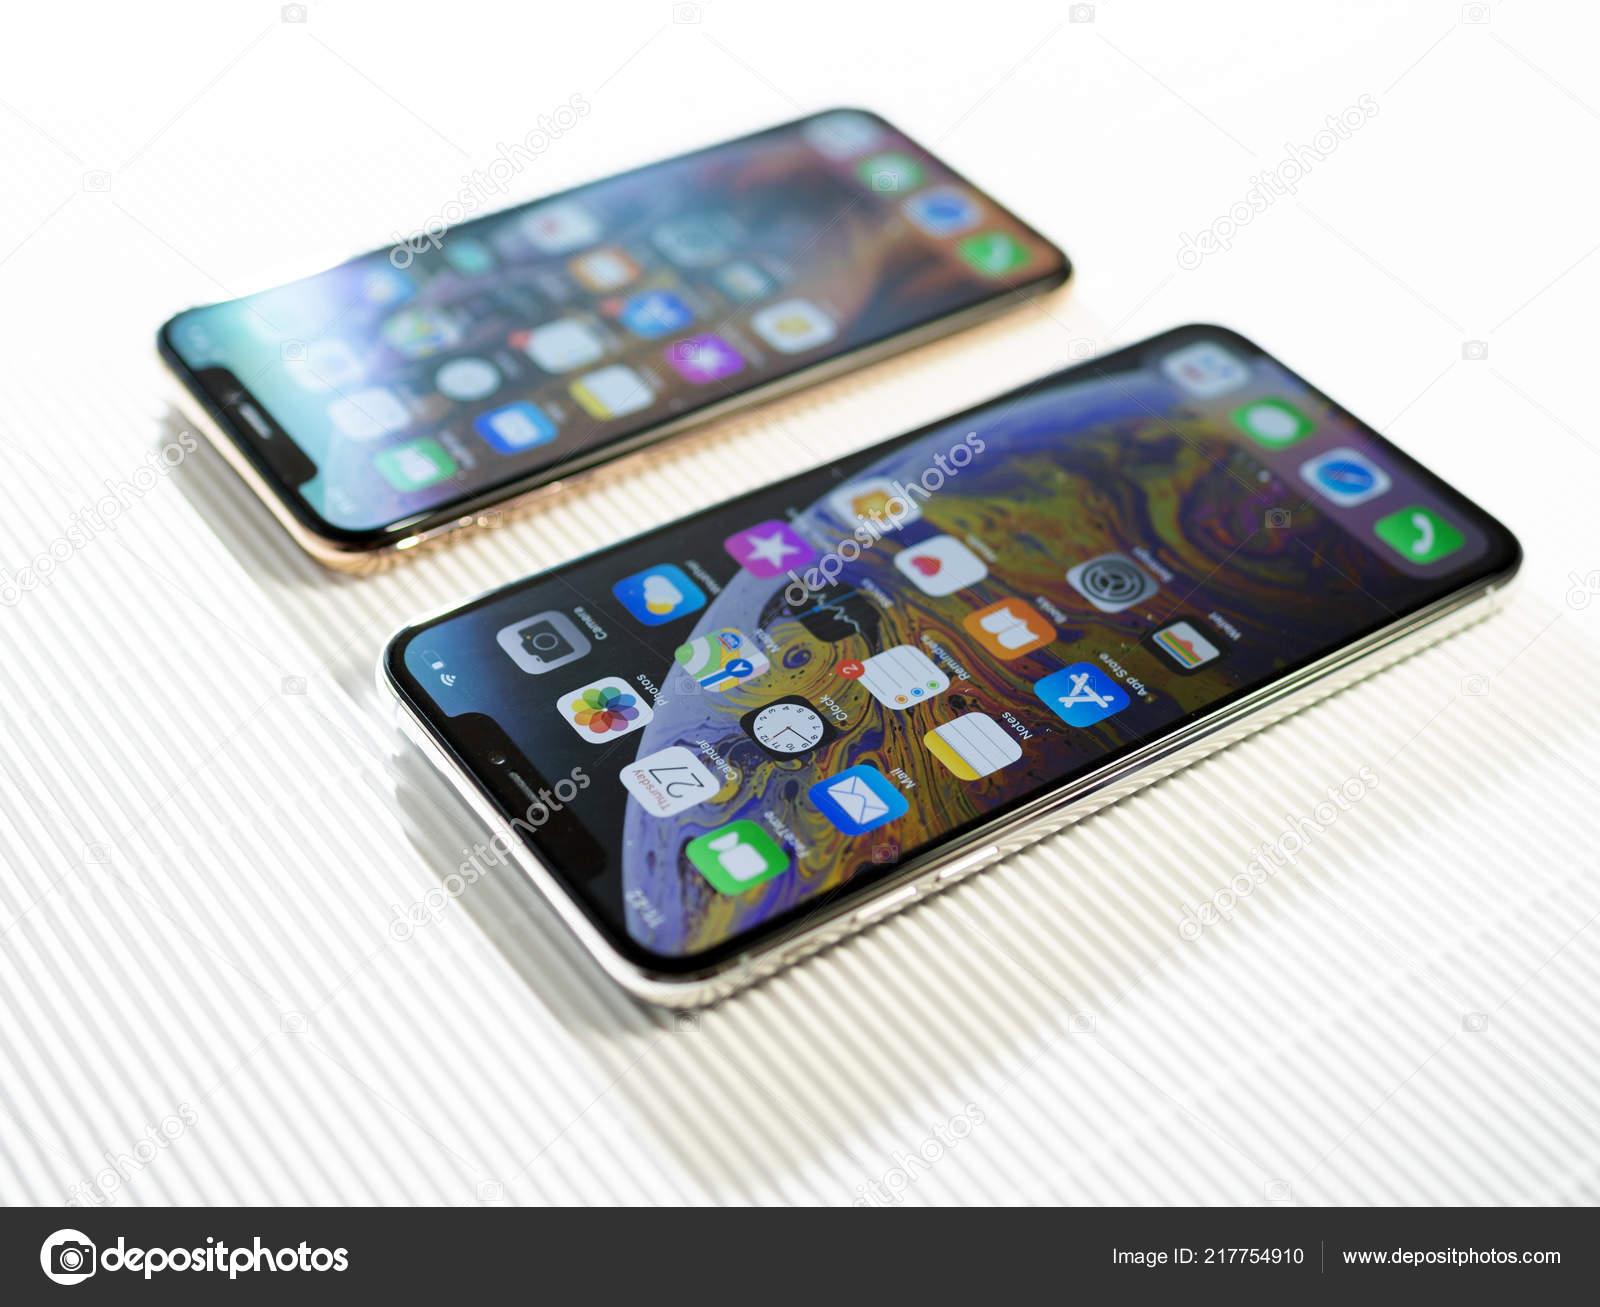 Comparer Iphone Xs Et Xs Max Sur Fond Blanc Tilt Shift Photo